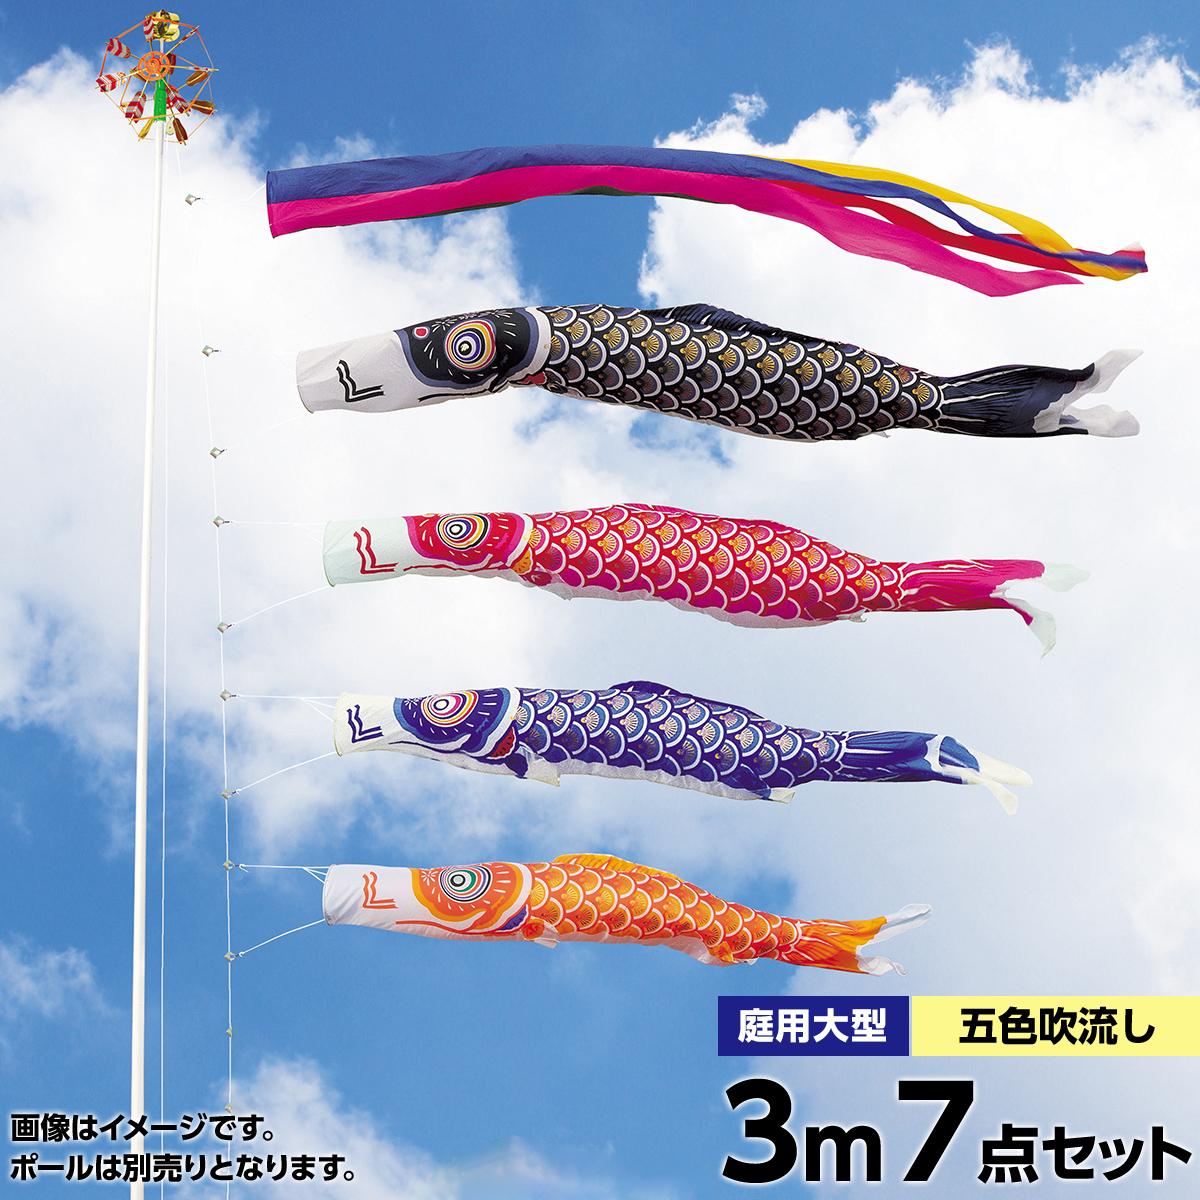 こいのぼり 庭 庭園用 こいのぼり キング印 鯉のぼり ナイロンゴールド鯉(五色吹流し) 3m 4匹7点セット 天祥 鯉のぼり オシャレ